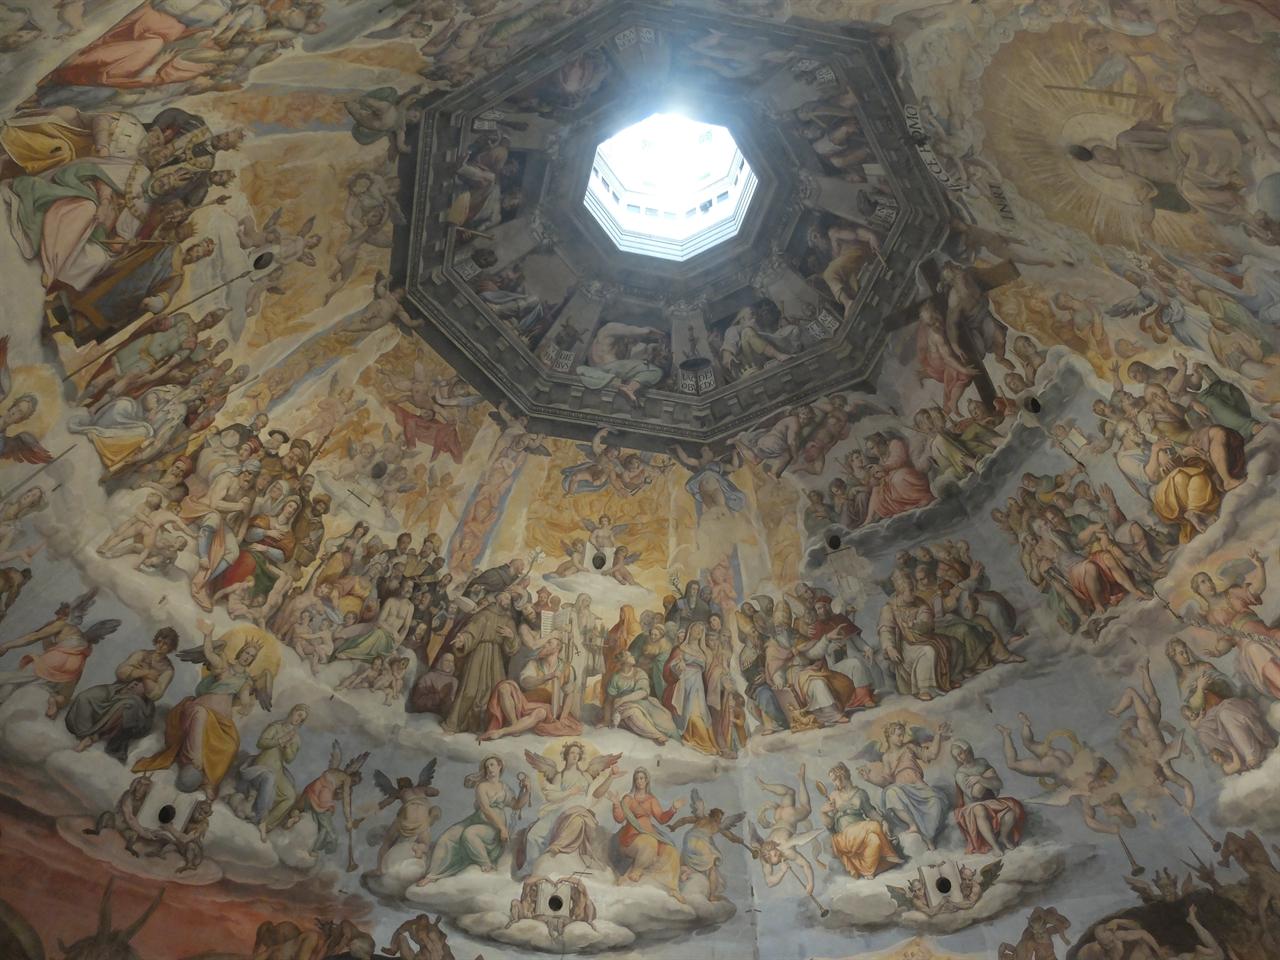 최후의 심판 조르조 바사리, '최후의 심판' 피렌체, 산타 마리아 델 피오레 성당 쿠폴라 내부 천장화. 미켈란젤로의 '최후의 심판'에 비해 떨어진다는 평가를 받지만 매너리즘을 예고하는 작품으로 평가받기도 합니다.